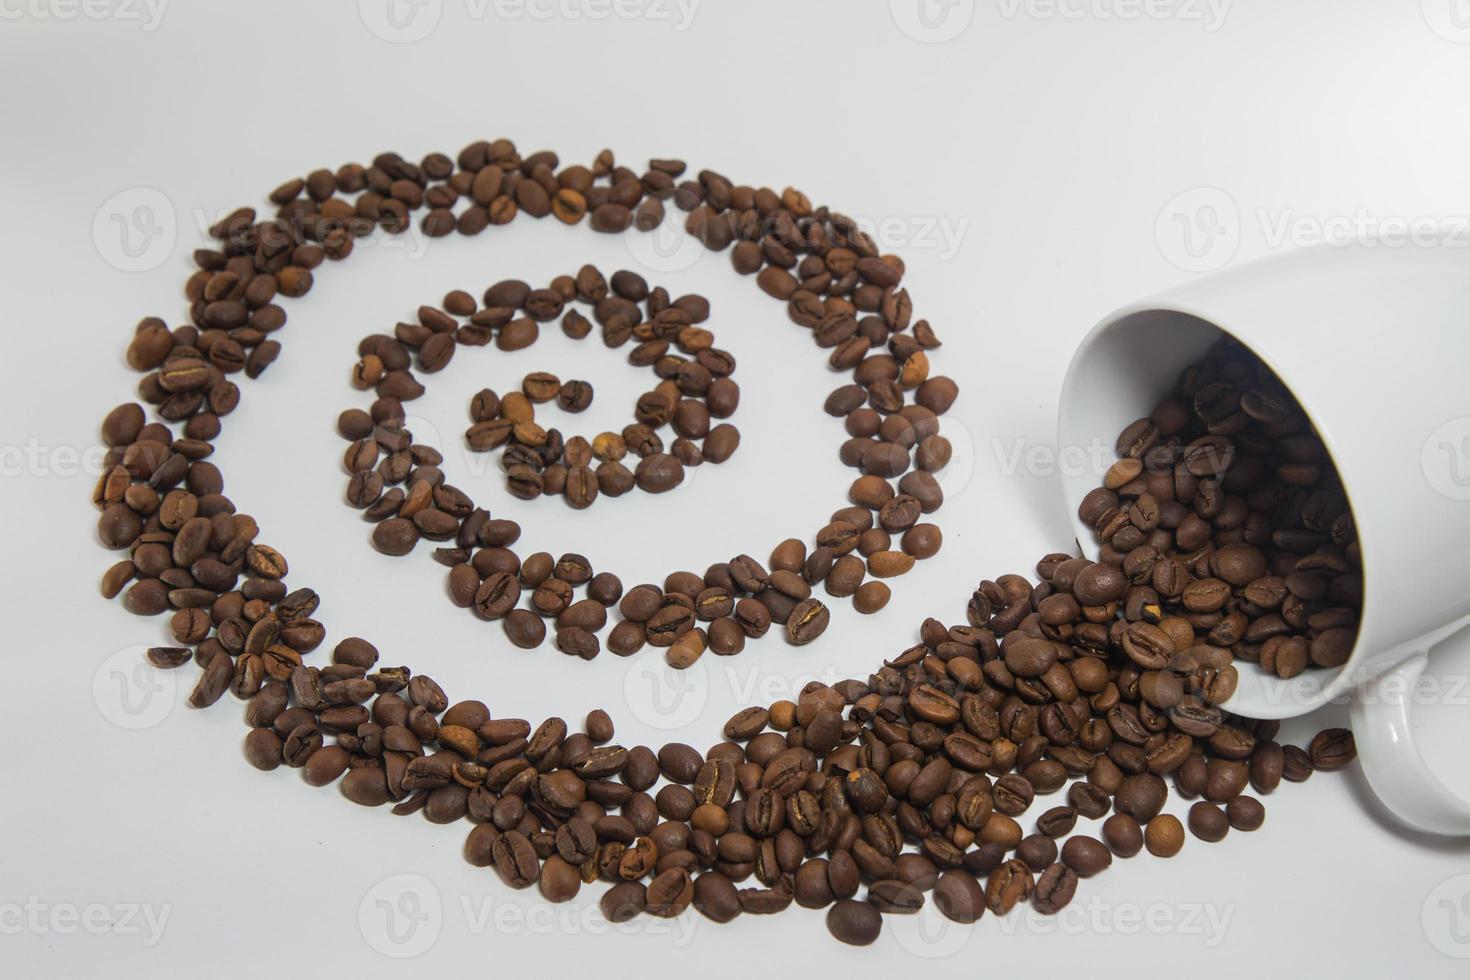 gemorste koffiebonen foto